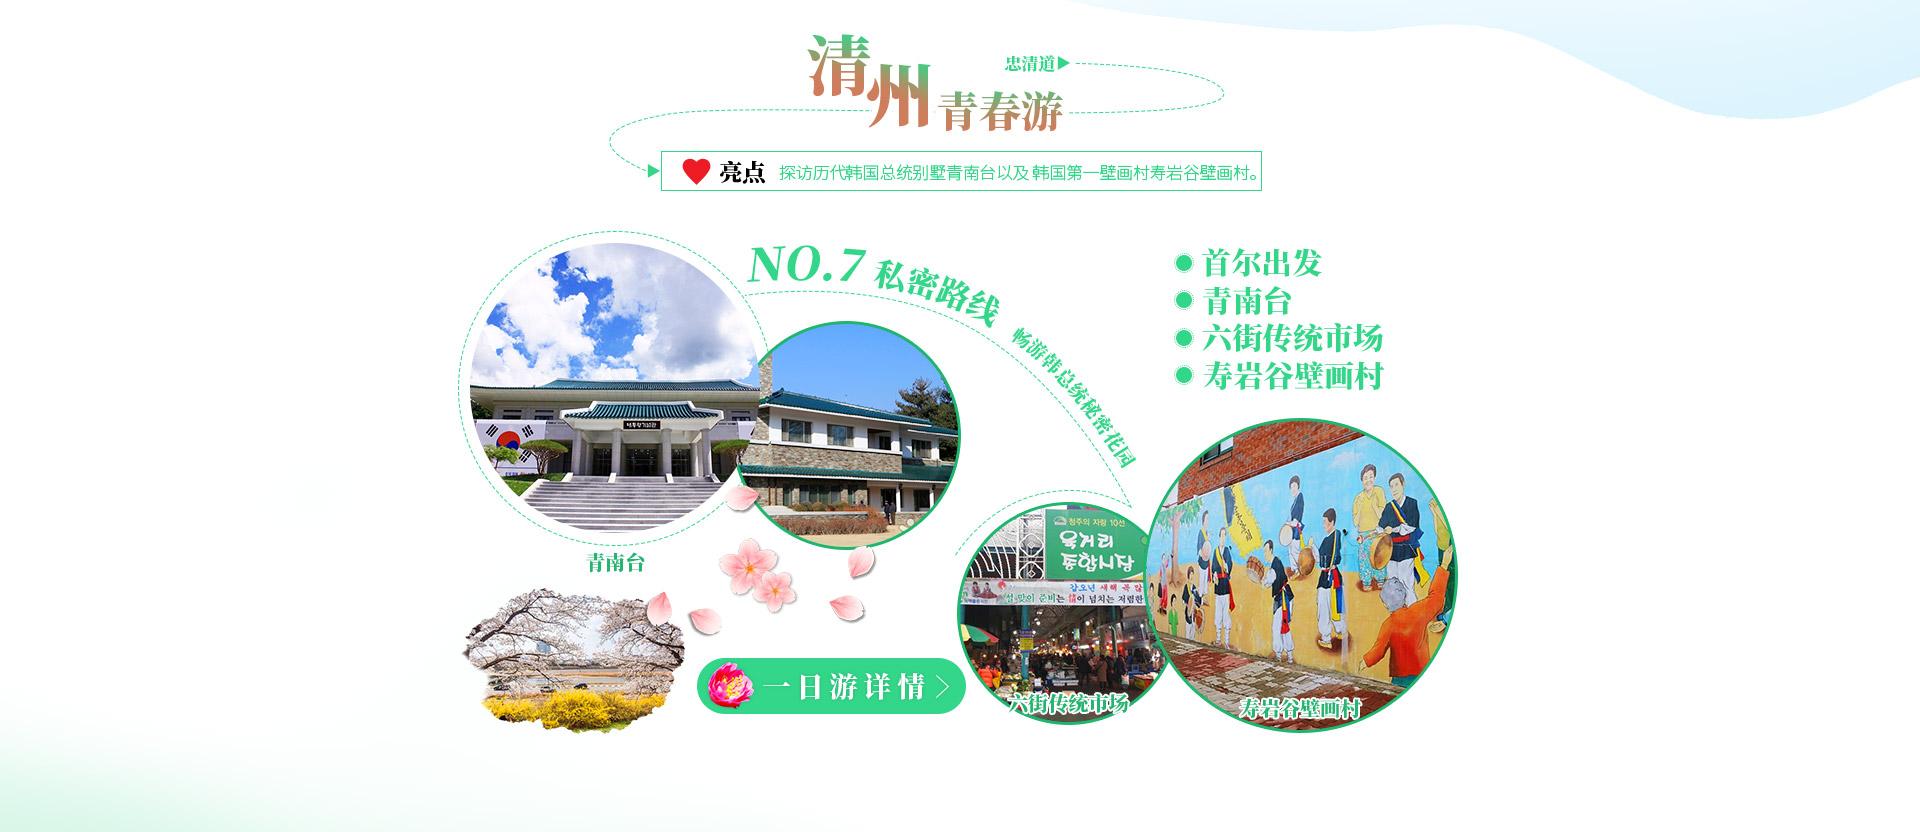 韩国清州青南台,六街传统市场,寿岩谷壁画村-韩国深度游一日线路推荐